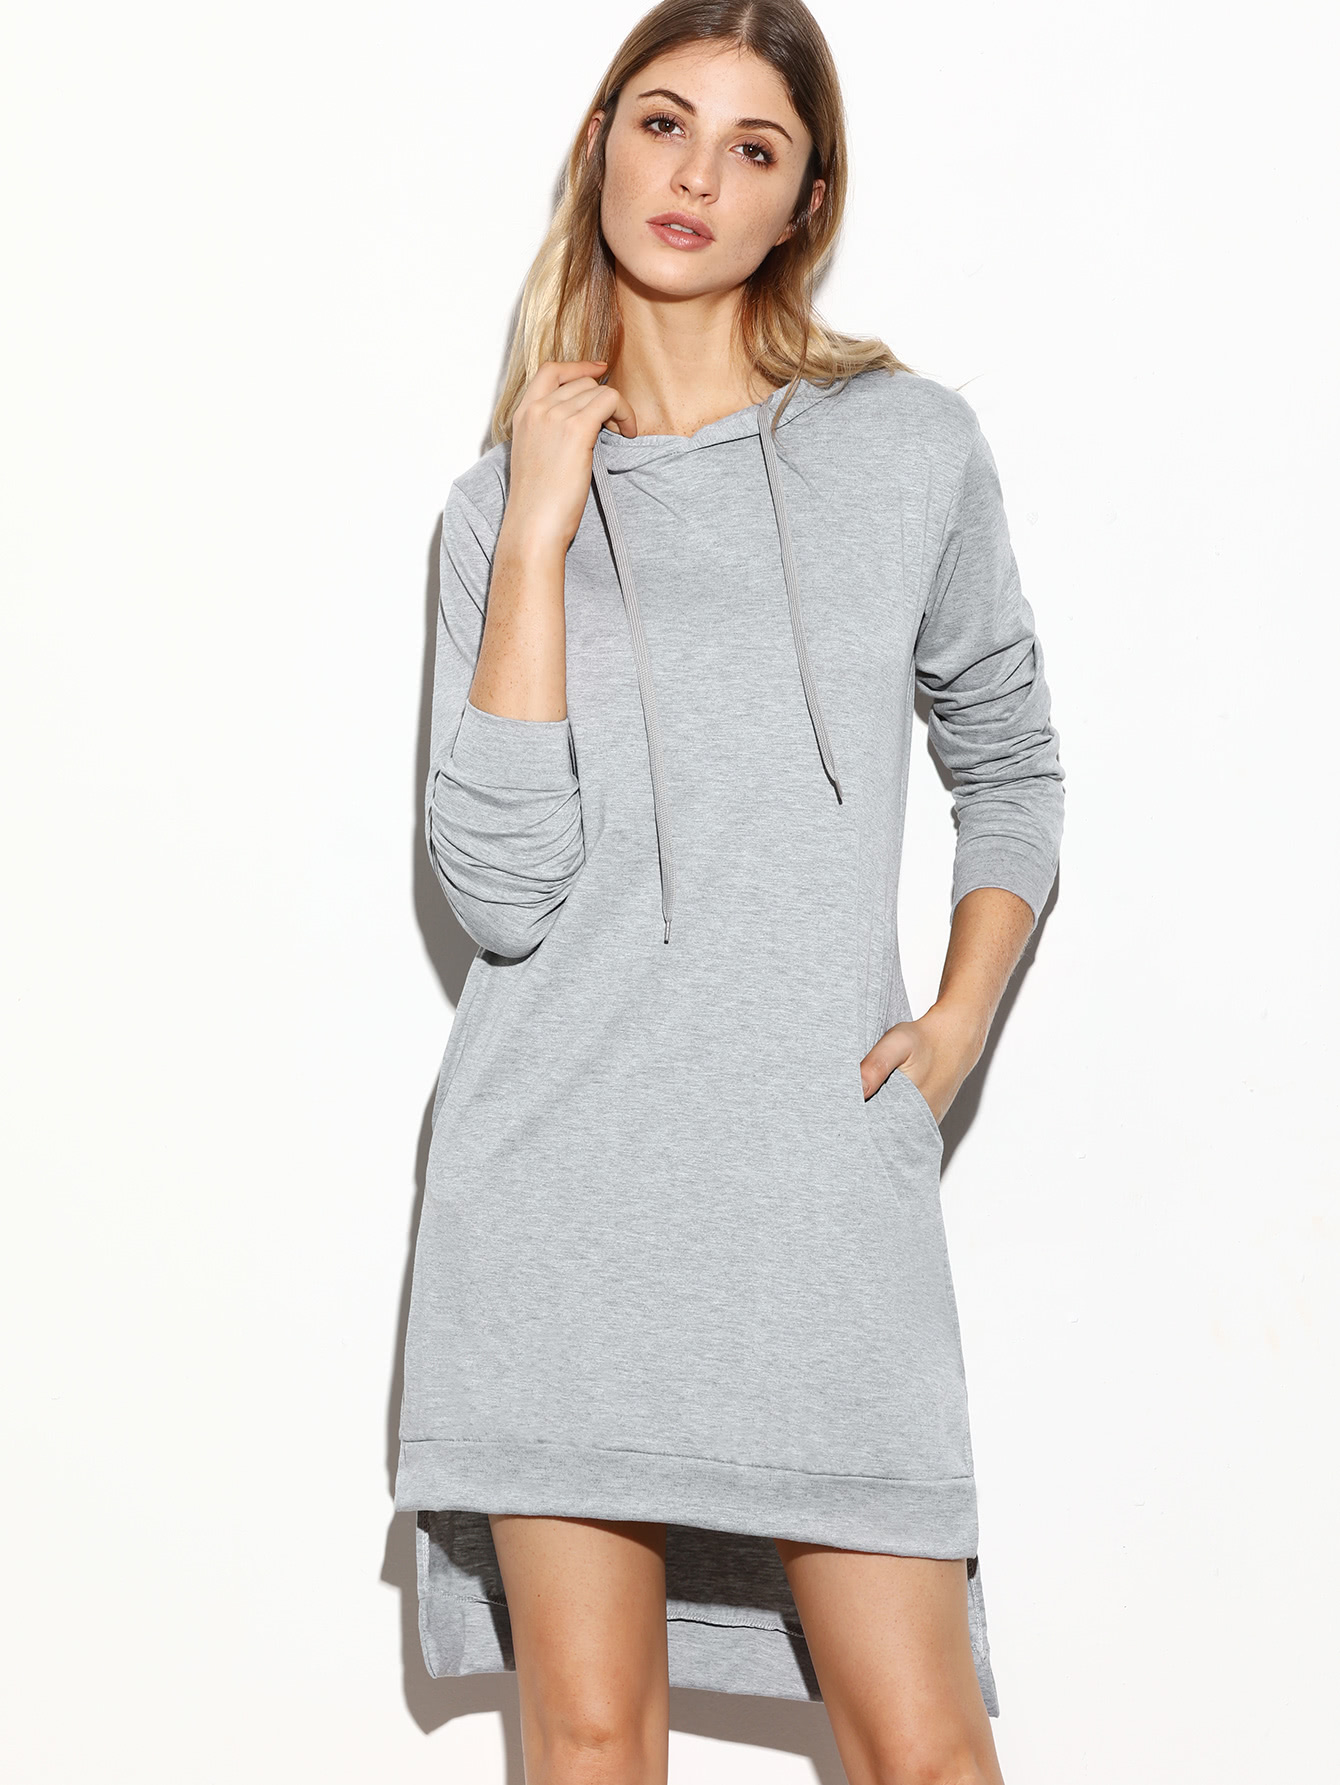 Sweatshirt Kleid mit Kapuzen Seit Schlitz Vorne Kurz Hinten Lang-grau